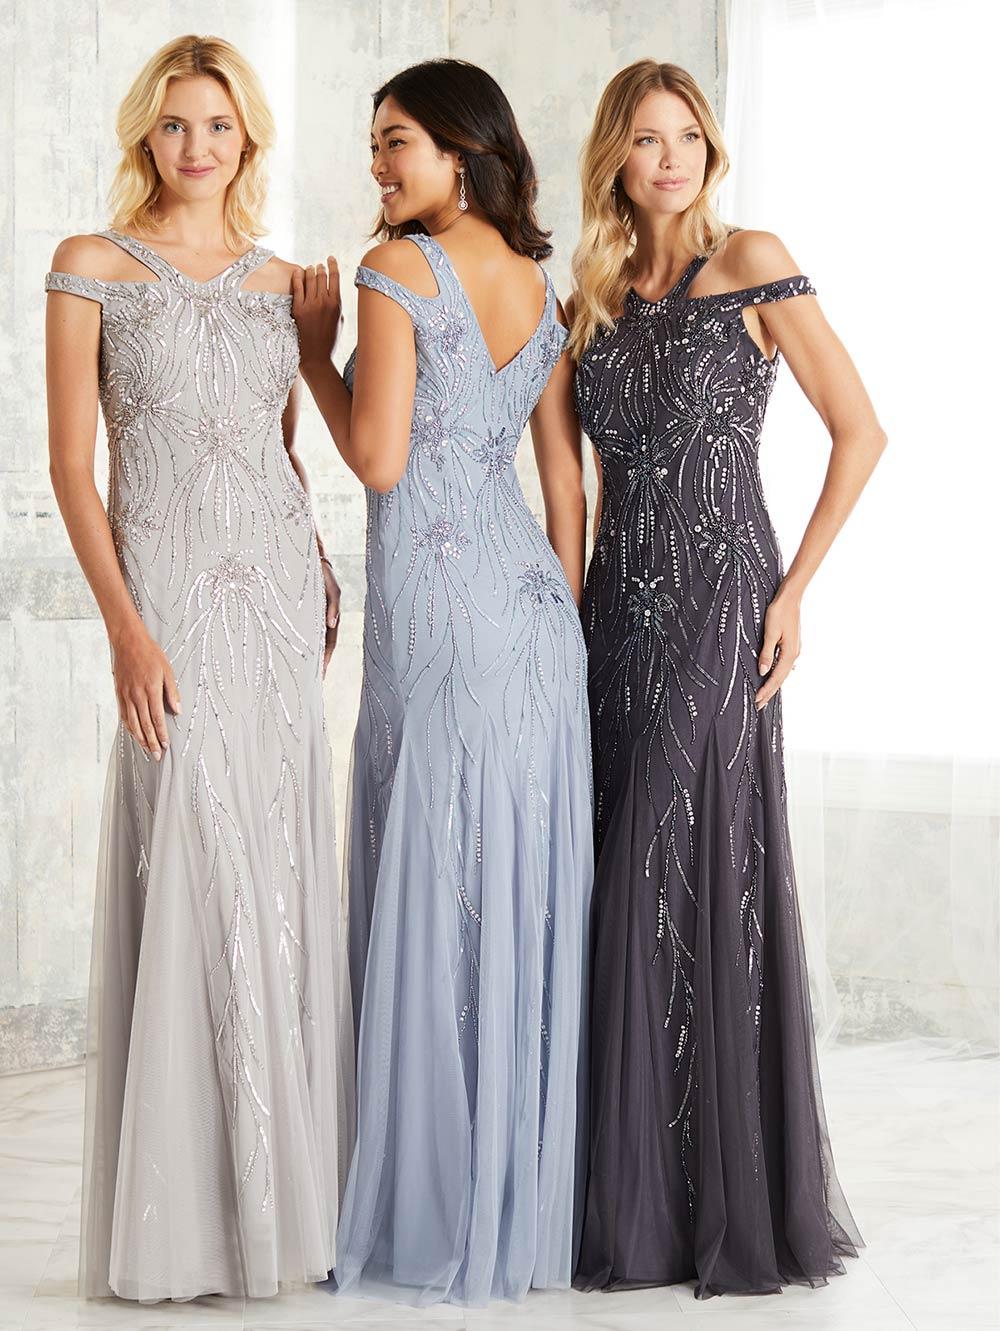 bridesmaid-dresses-adrianna-papell-platinum-27850